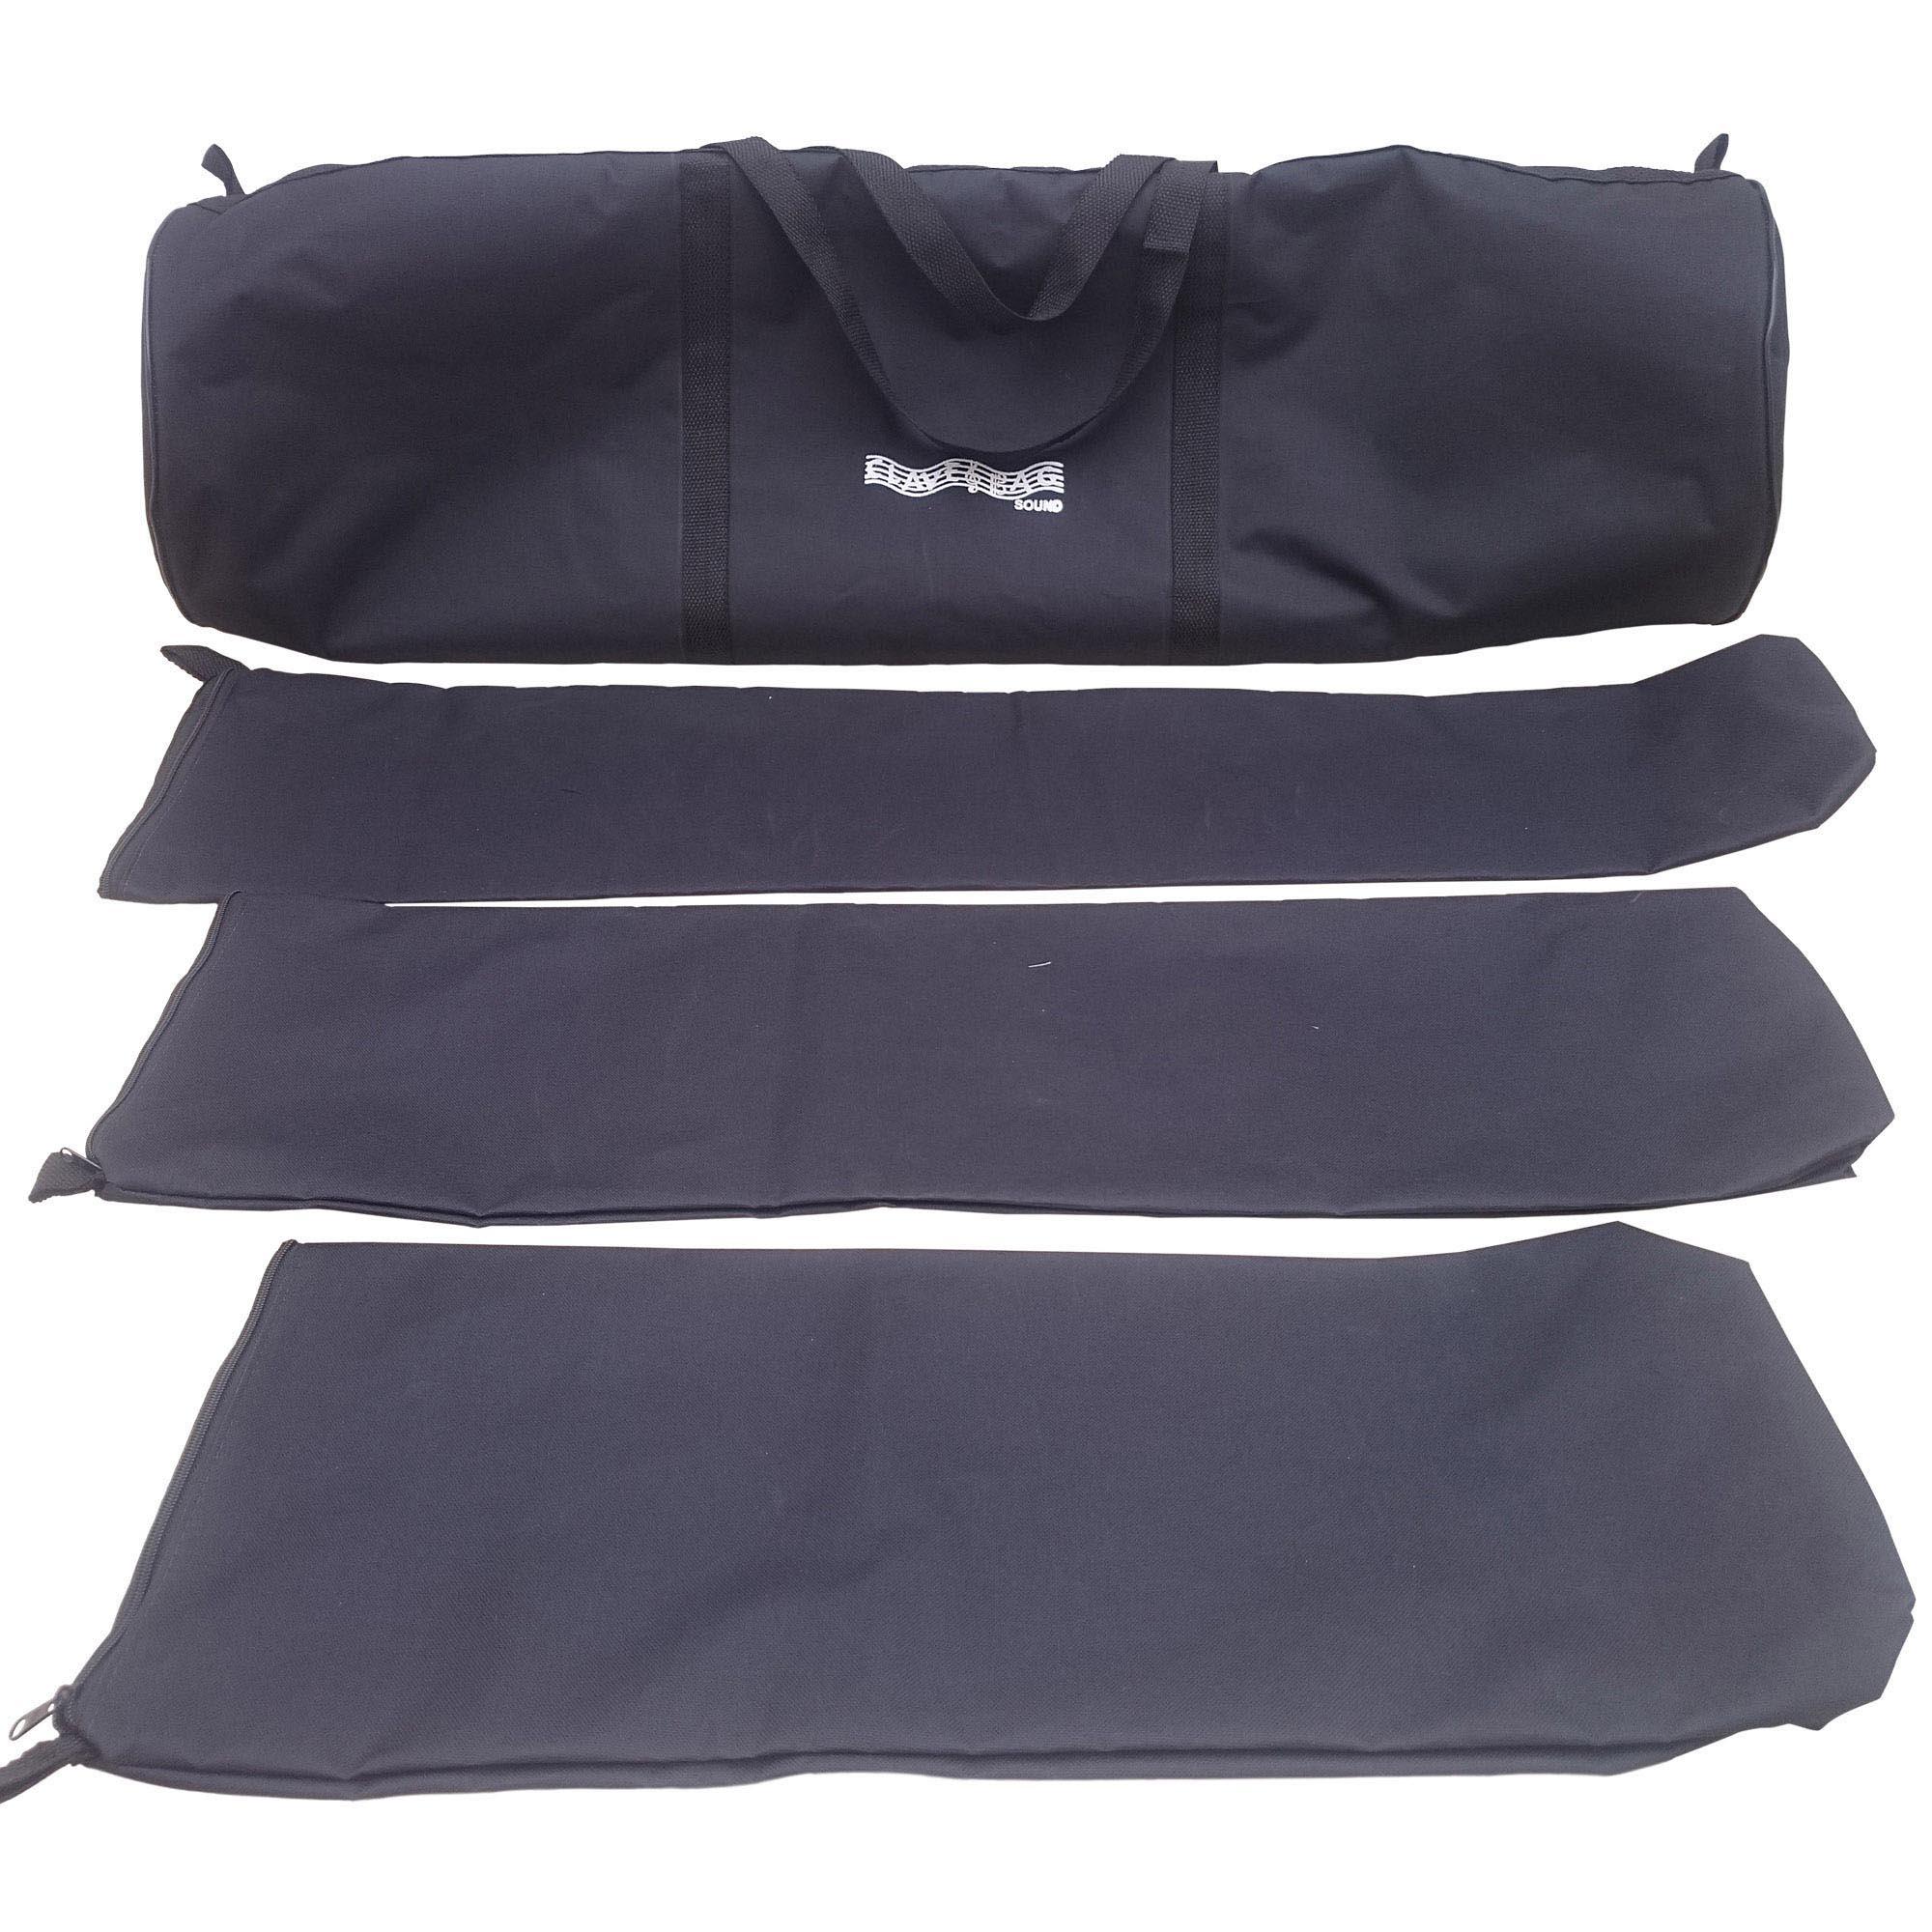 Capa Bag P/ Ferragens De Bateria Extra Luxo 4em1 Acolchoada